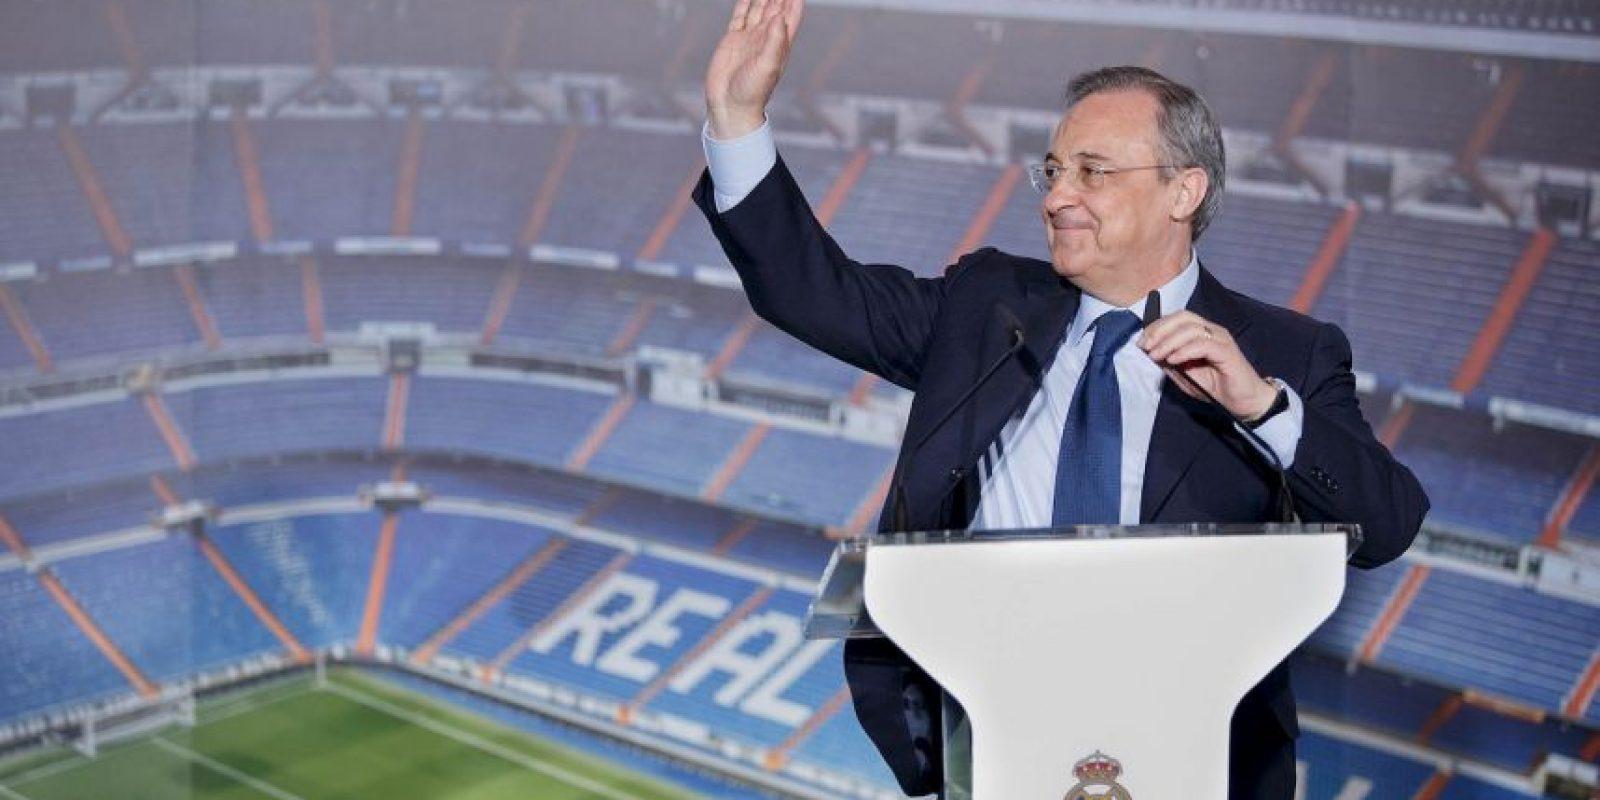 """Agente de la FIFA reveló que a Florentino Pérez """"no le gustan los jugadores negros"""". Por ello, dejó fuera del equipo a elementos como Claude Makelele y Samuel Eto'o. Foto:Getty Images"""